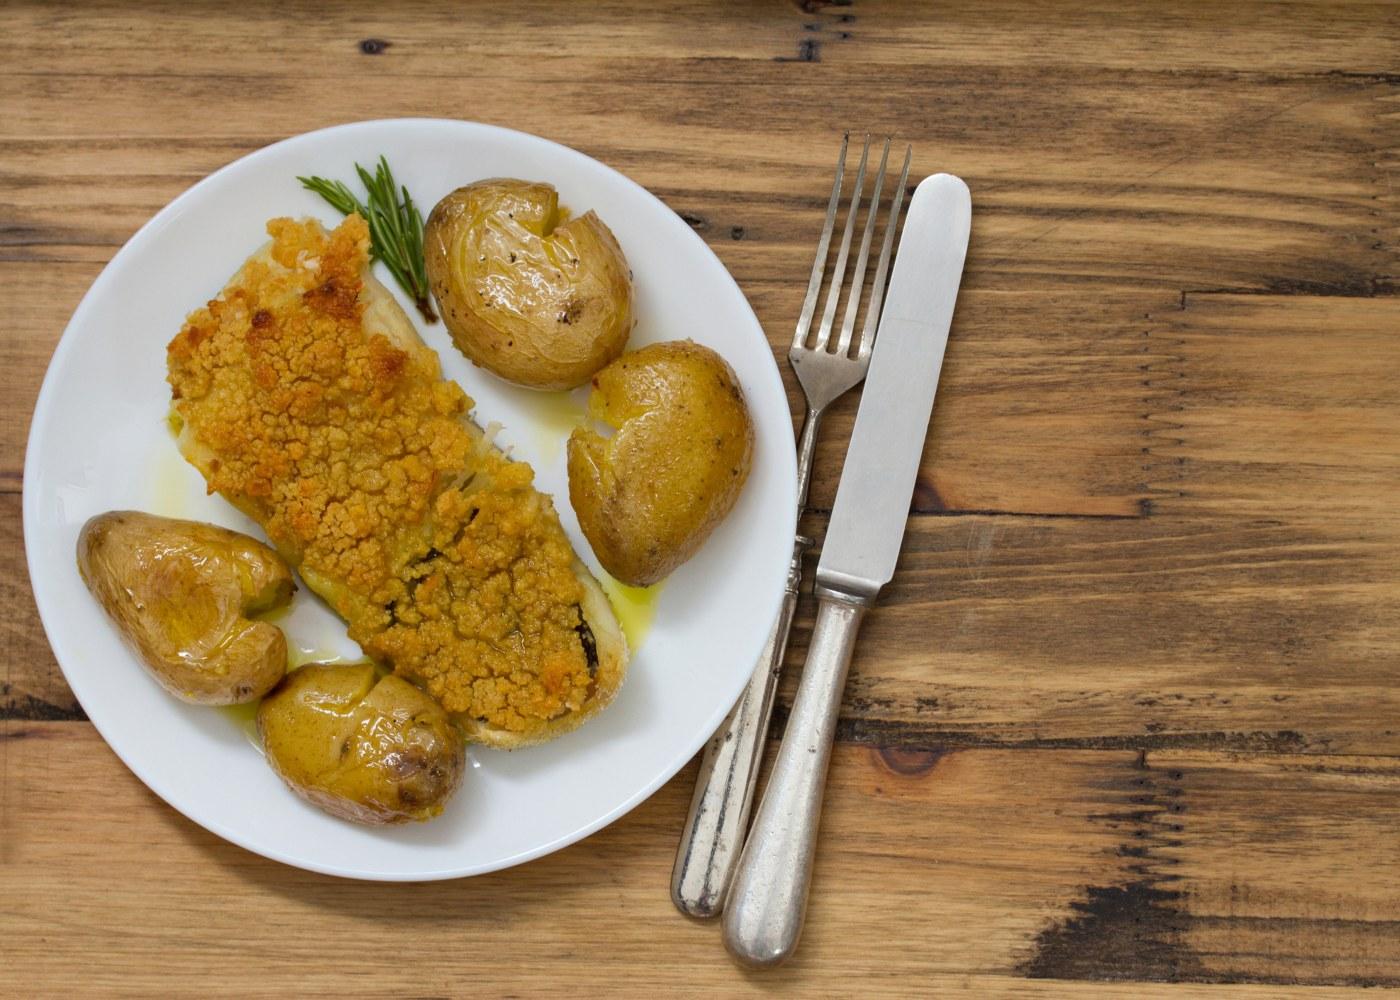 filetes de pescada com broa